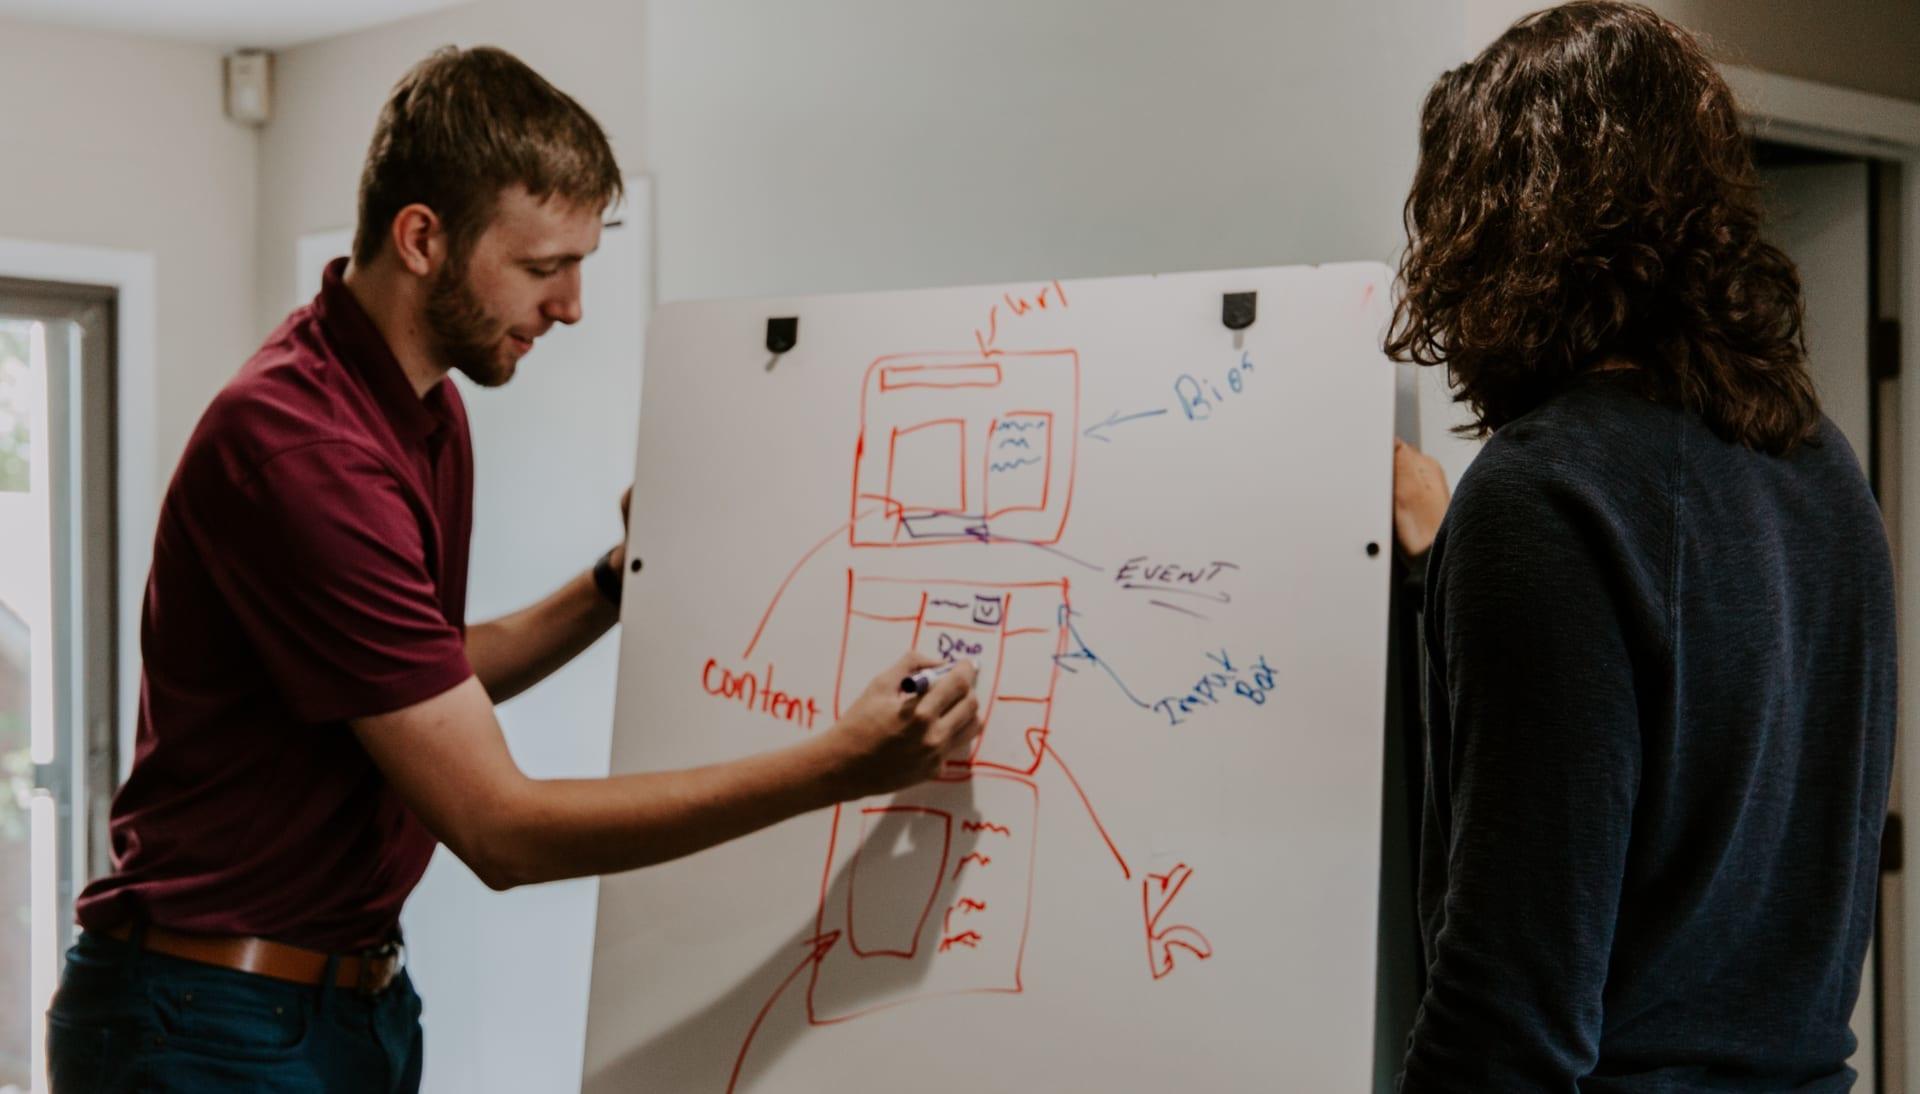 営業パーソンが学ぶべきプレゼンテーション術|スタンフォード式プレゼンテーションTips|Senses Lab.|1